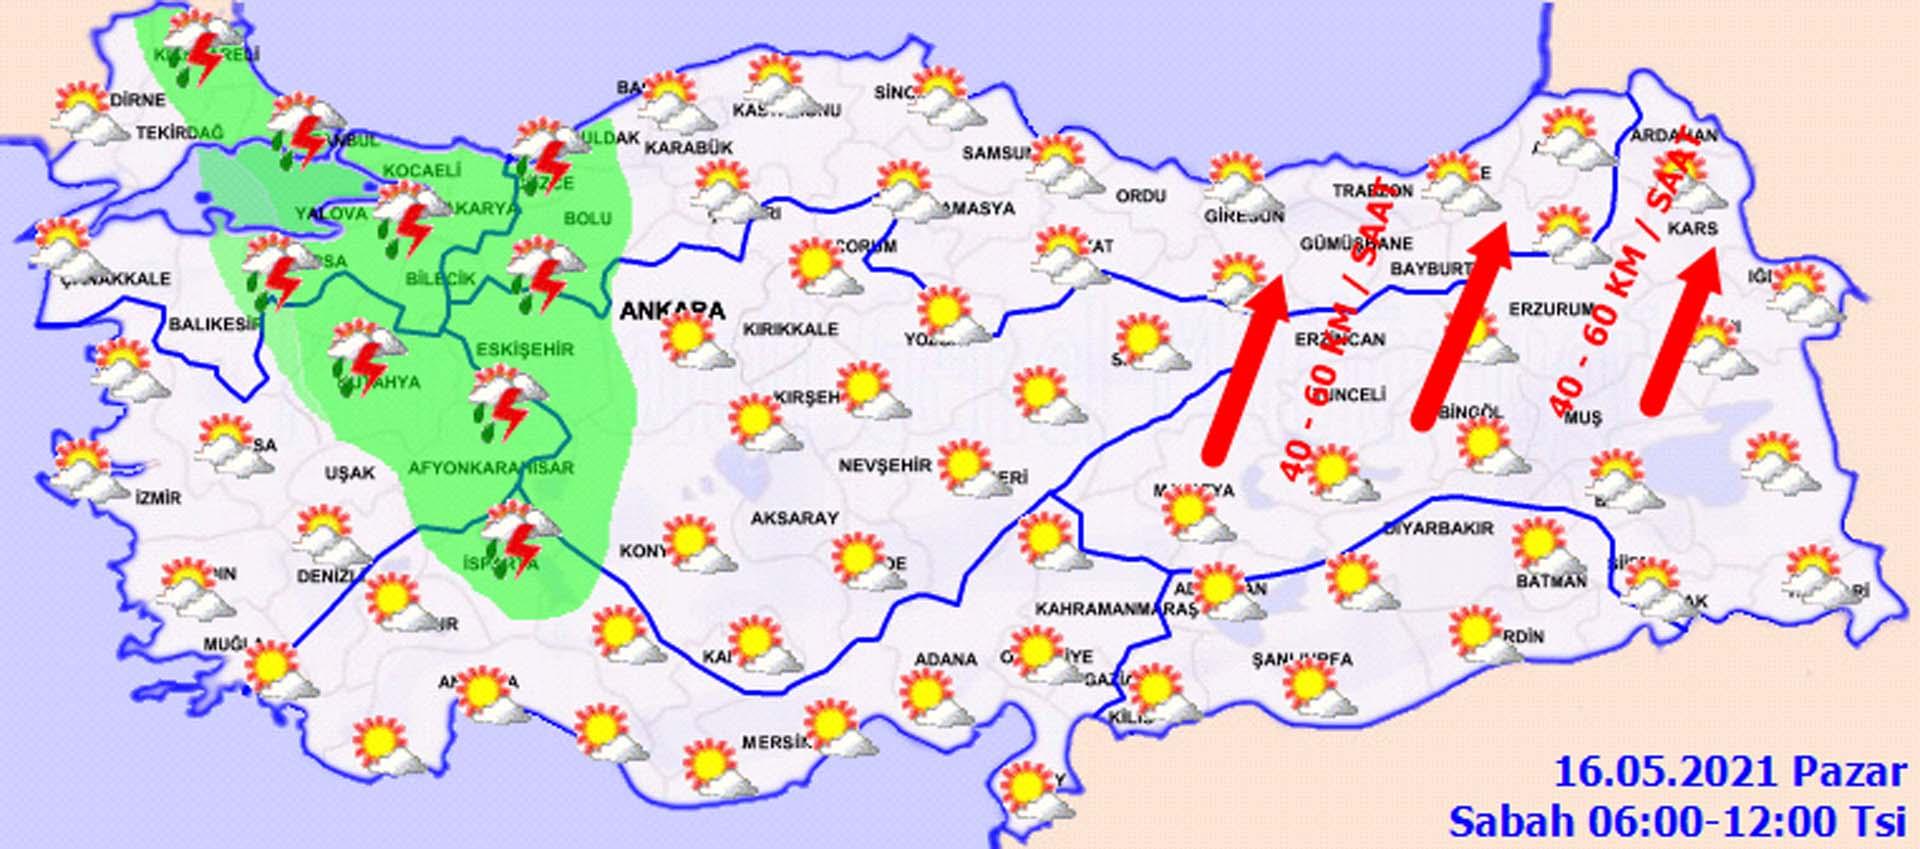 Hava bugün nasıl olacak? Meteoroloji'den üç bölge için sağanak yağış uyarısı! 16 Mayıs 2021 Pazar il il hava durumu